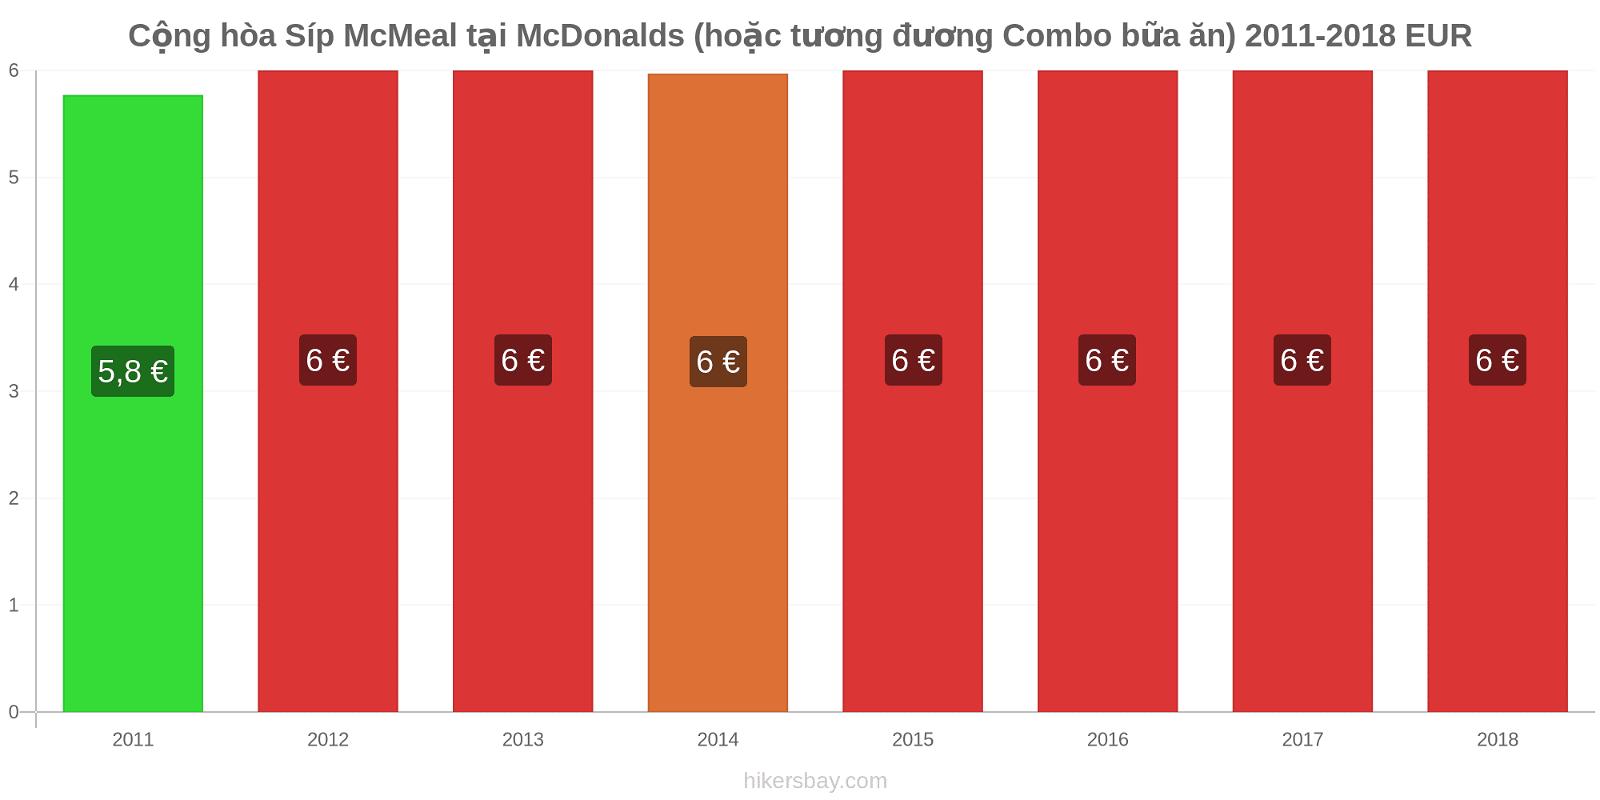 Cộng hòa Síp thay đổi giá McMeal tại McDonalds (hoặc tương đương Combo bữa ăn) hikersbay.com